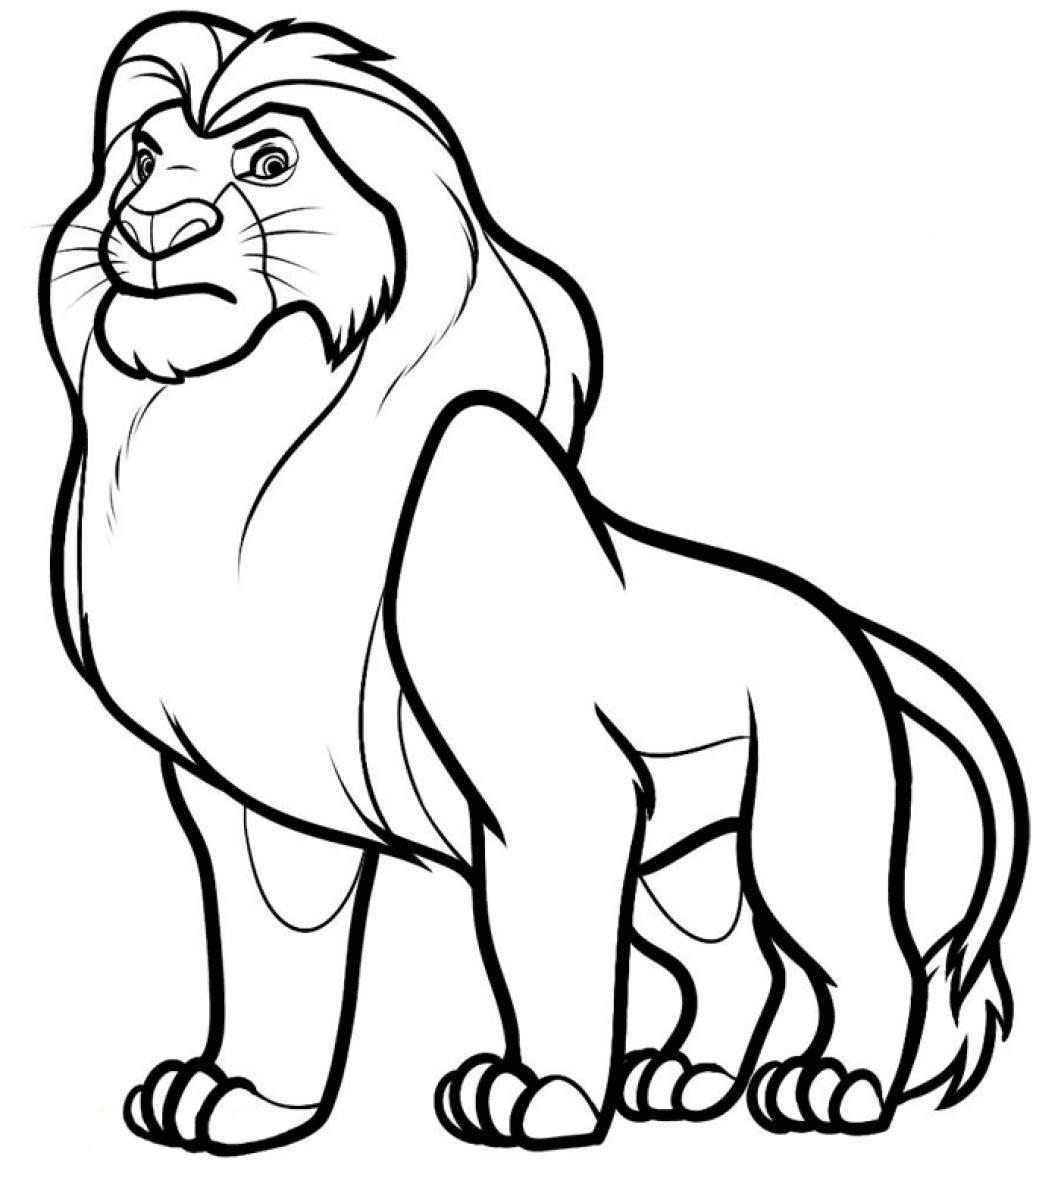 840 Kolase Hewan Singa Gratis Terbaik